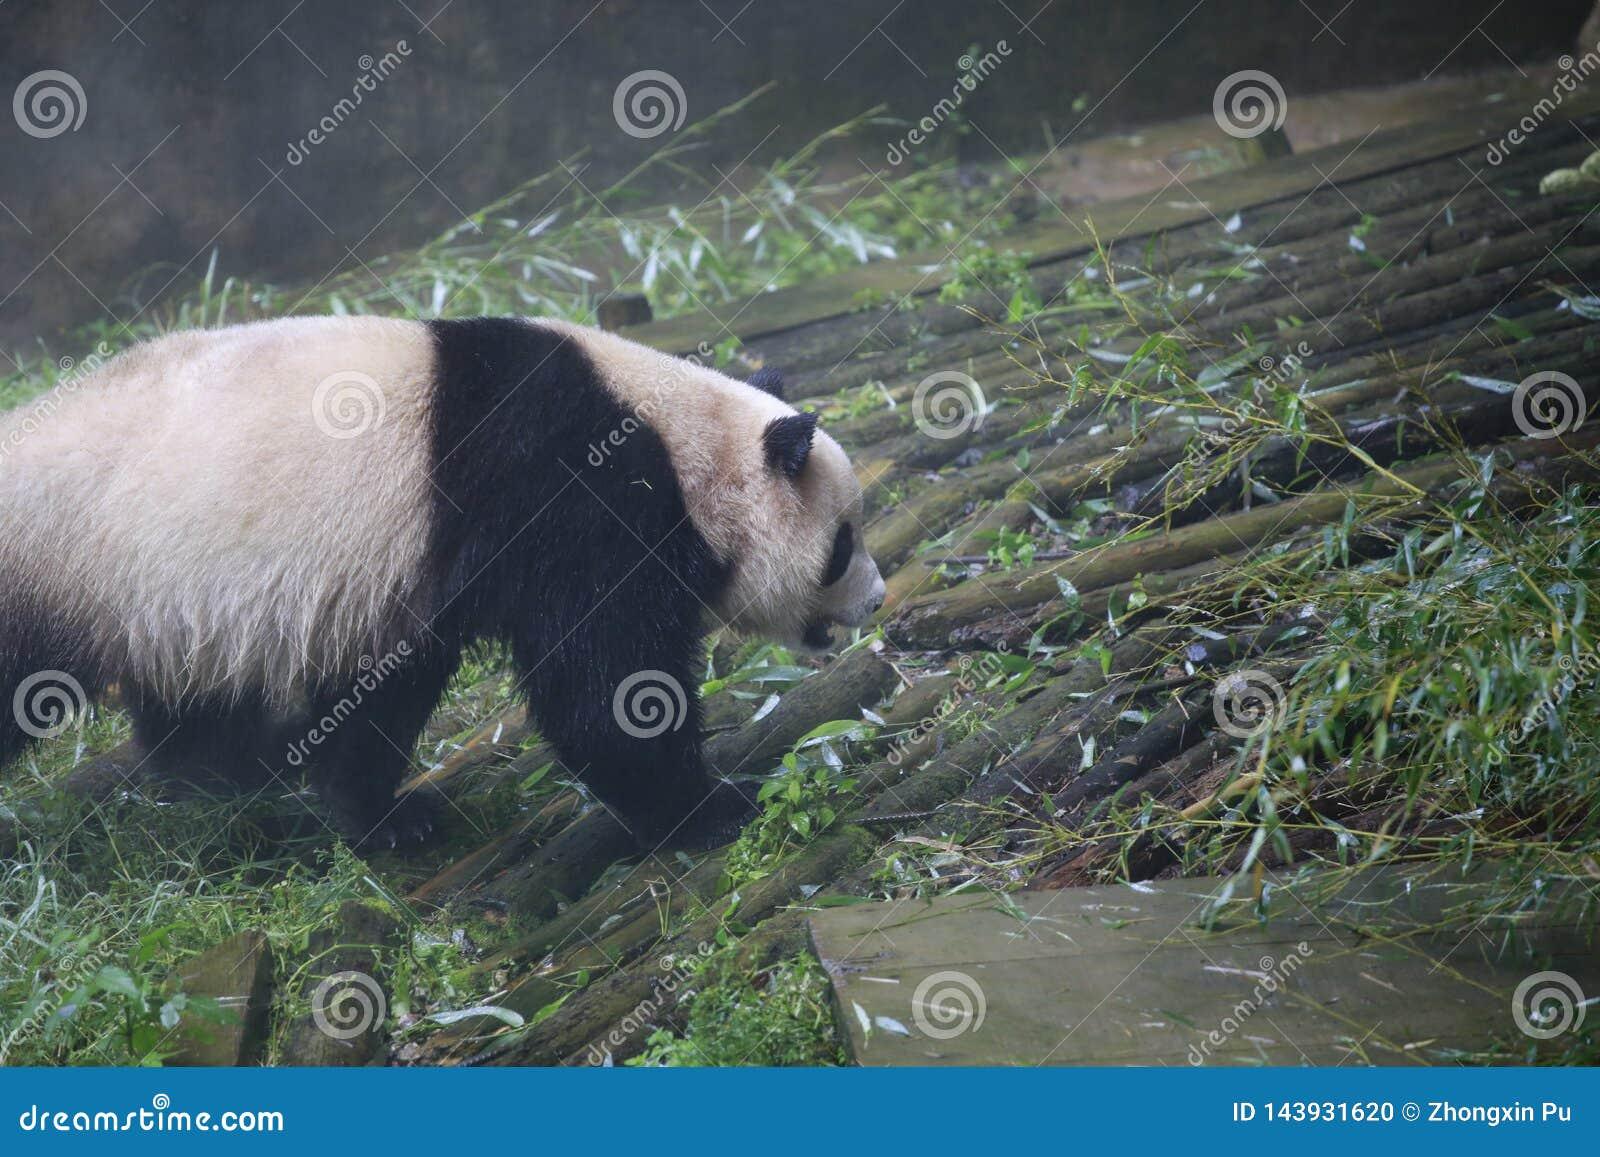 Gigantyczna panda należy jedyni ssaki carnivora niedźwiadkowa rodzina gigantycznej pandy podrodzina i gigantyczna panda, _